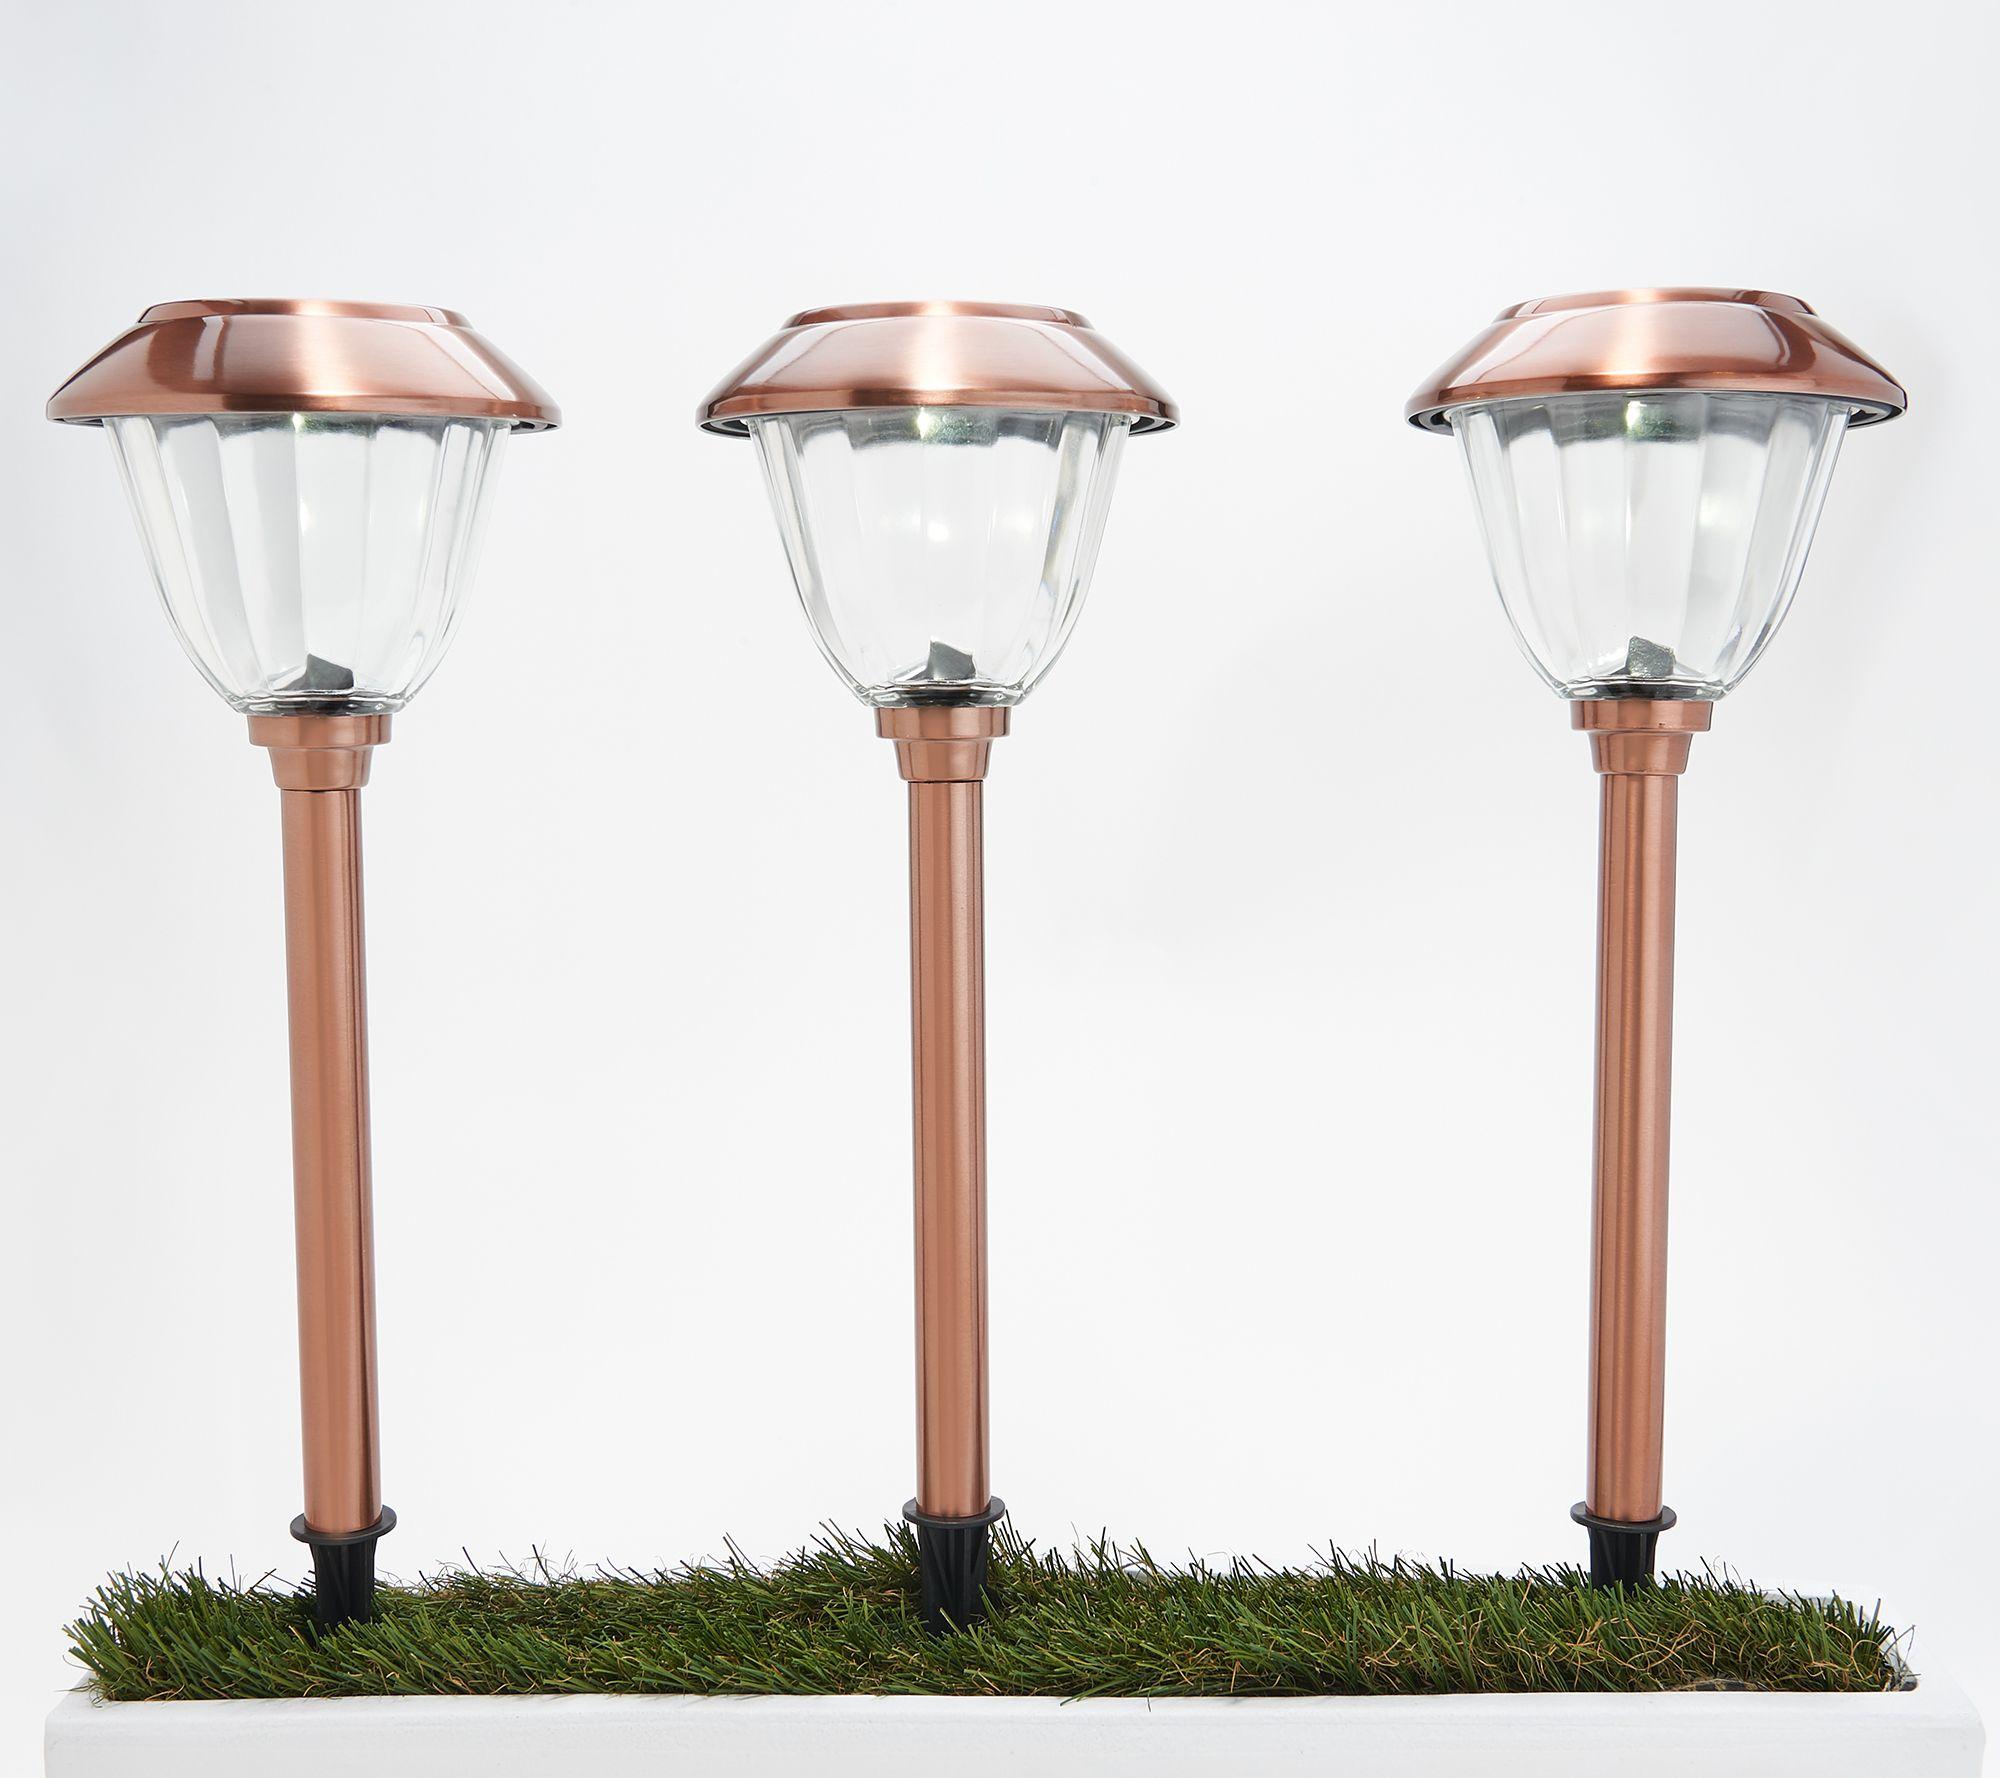 Energizer 10 Piece Solar Landscape Light Set Qvc